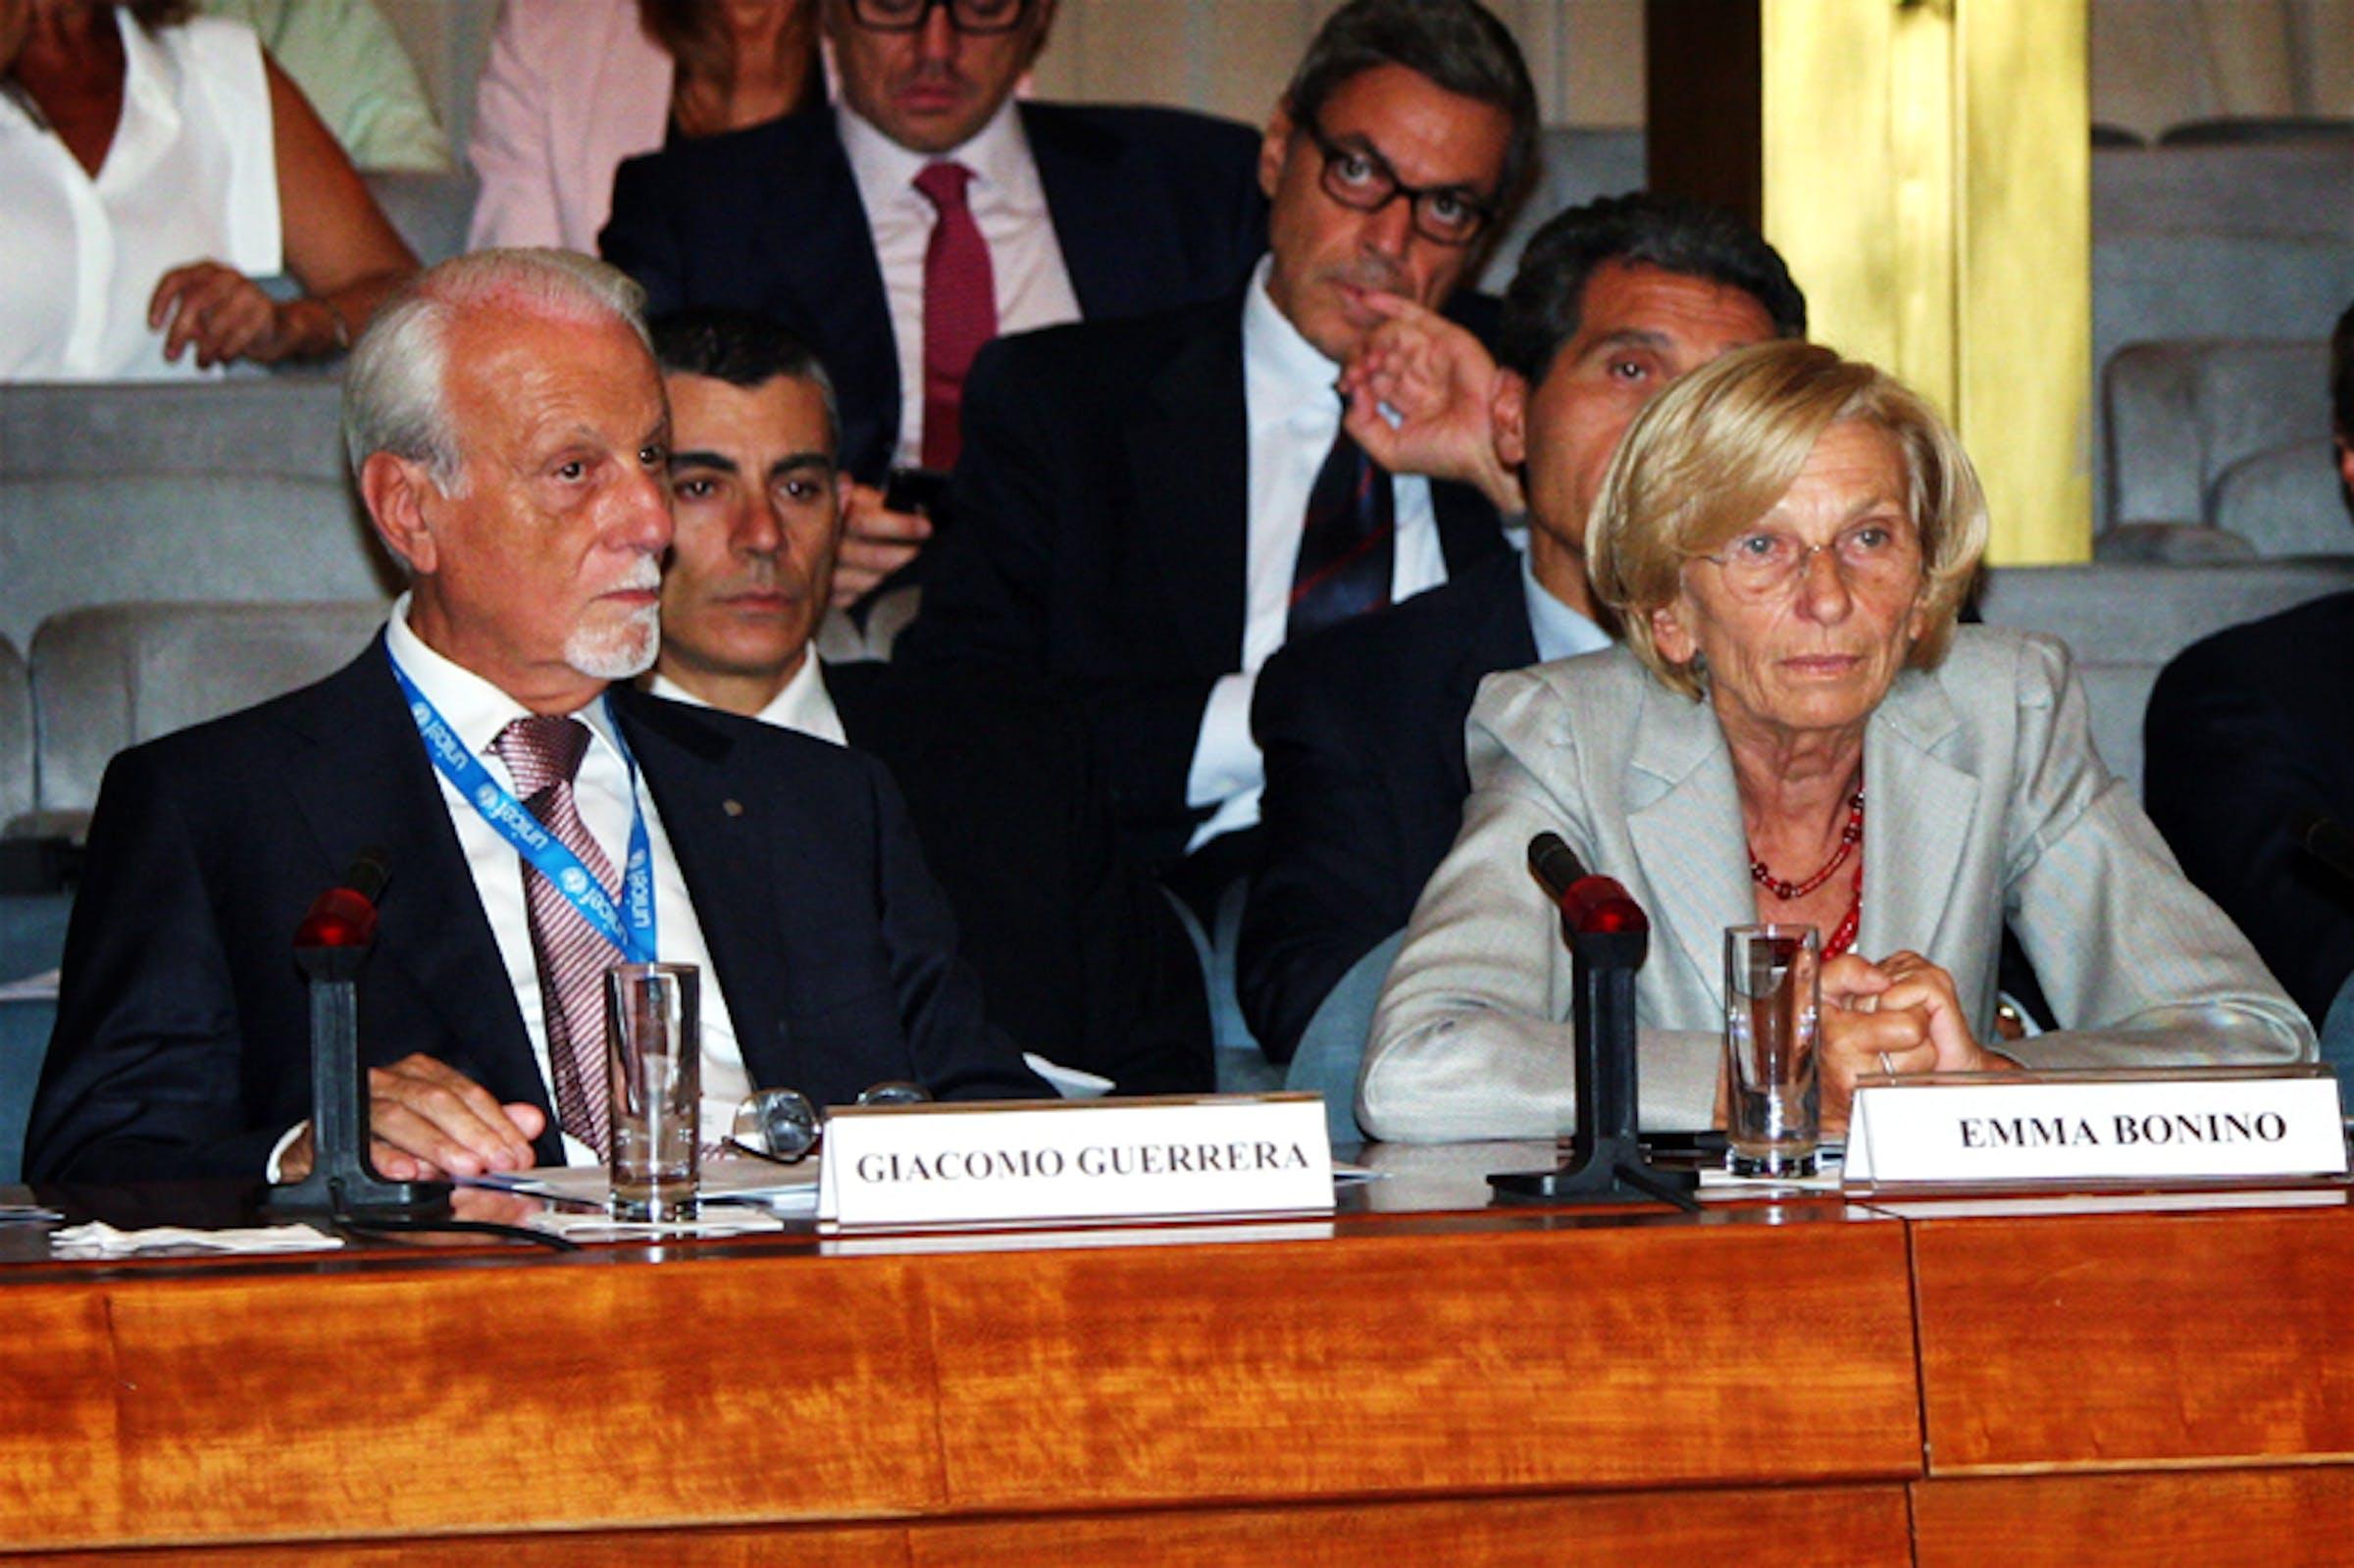 Il presidente dell'UNICEF Italia Giacomo Guerrera e il ministro degli Esteri Emma Bonino durante il convegno sulla Siria alla Farnesina - ©UNICEF Italia/2013/Alessandro Longobardi